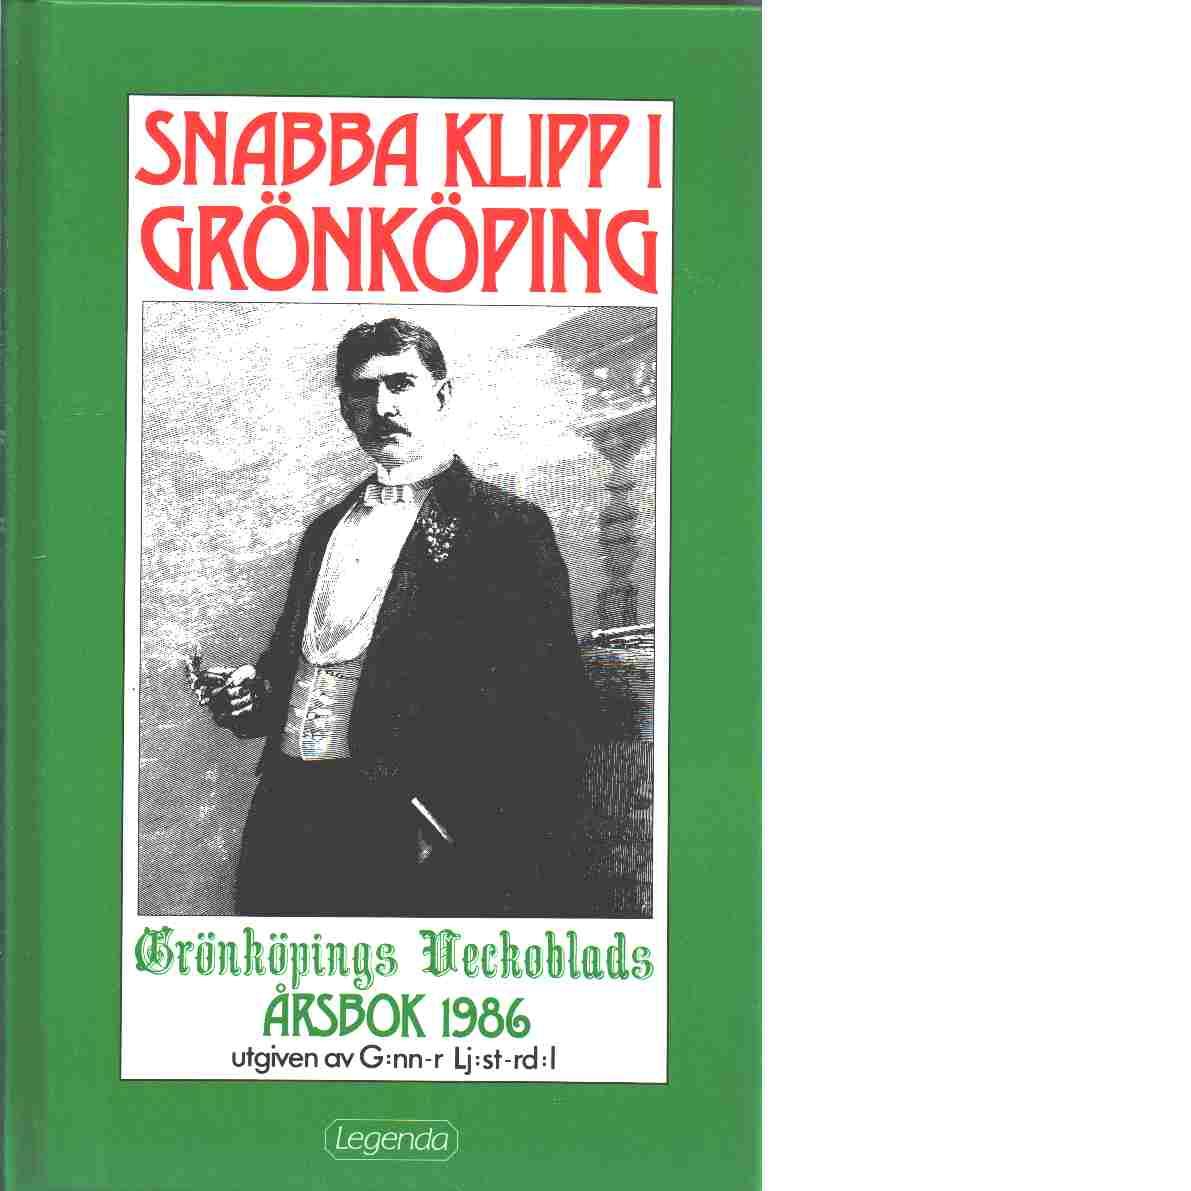 Snabba klipp i Grönköping - Red. Ljusterdal, Gunnar